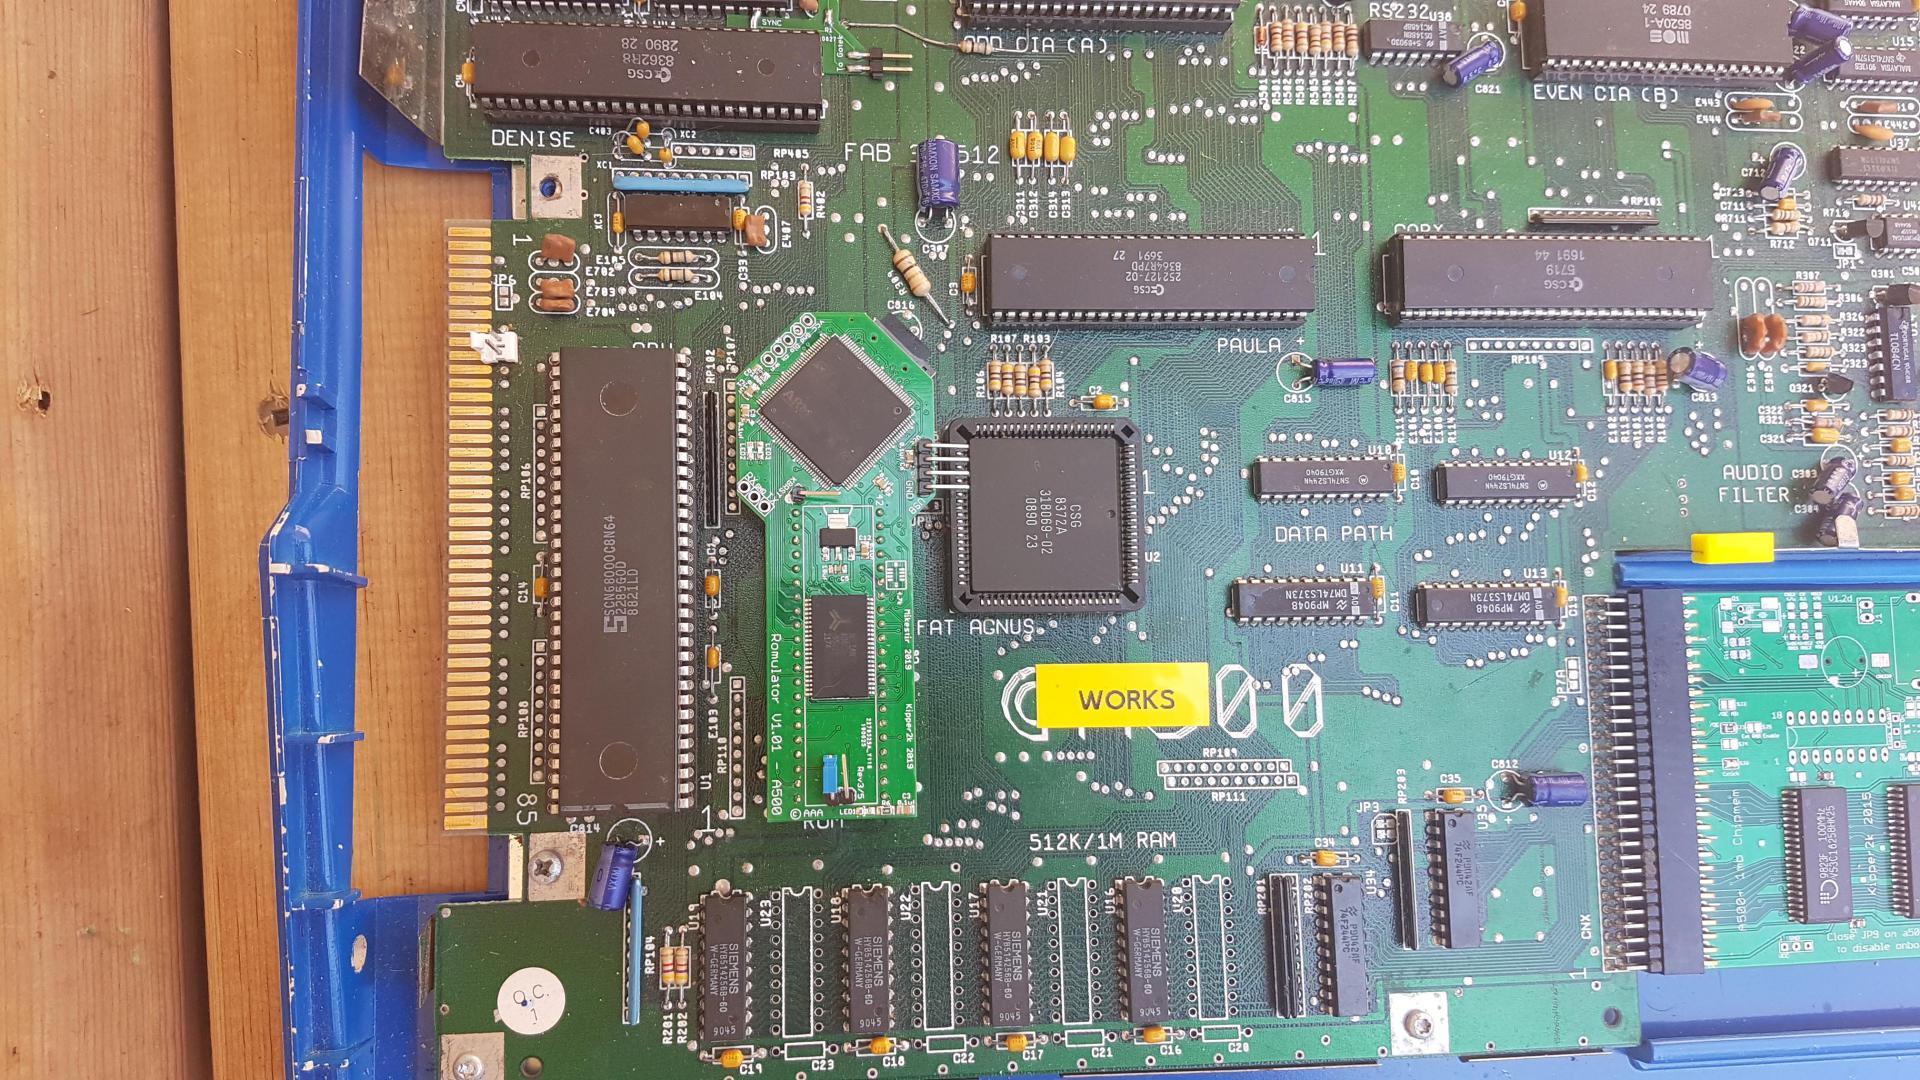 Klikněte na obrázek pro zobrazení větší verze  Název: romulatortop.jpg Zobrazeno: 79 Velikost: 445,7 KB ID: 9610